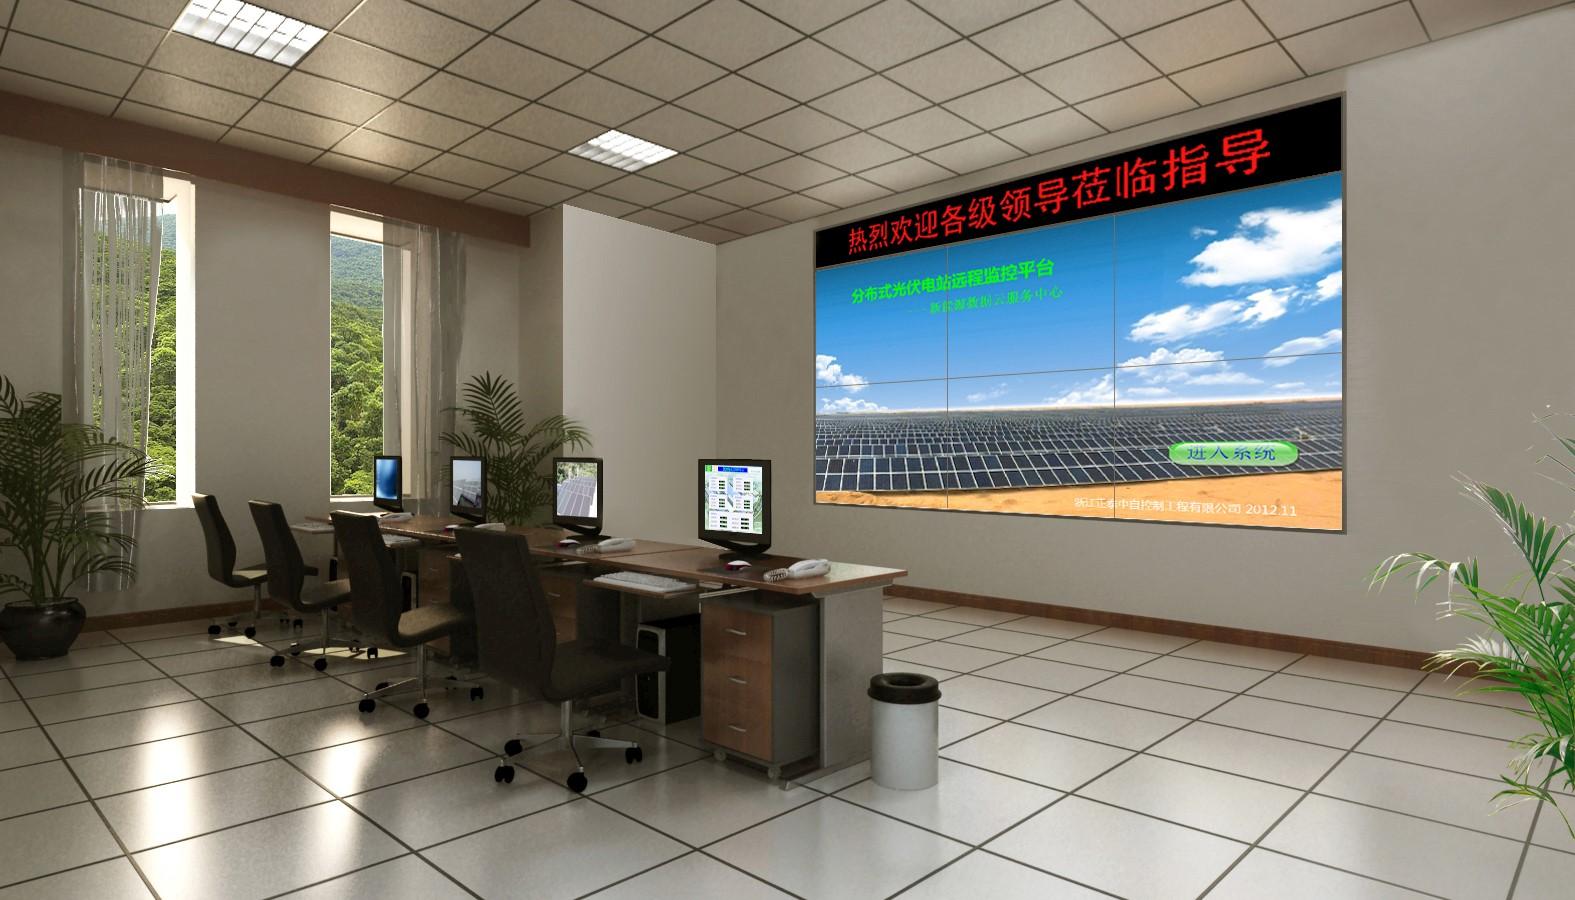 光伏电站集中监控系统